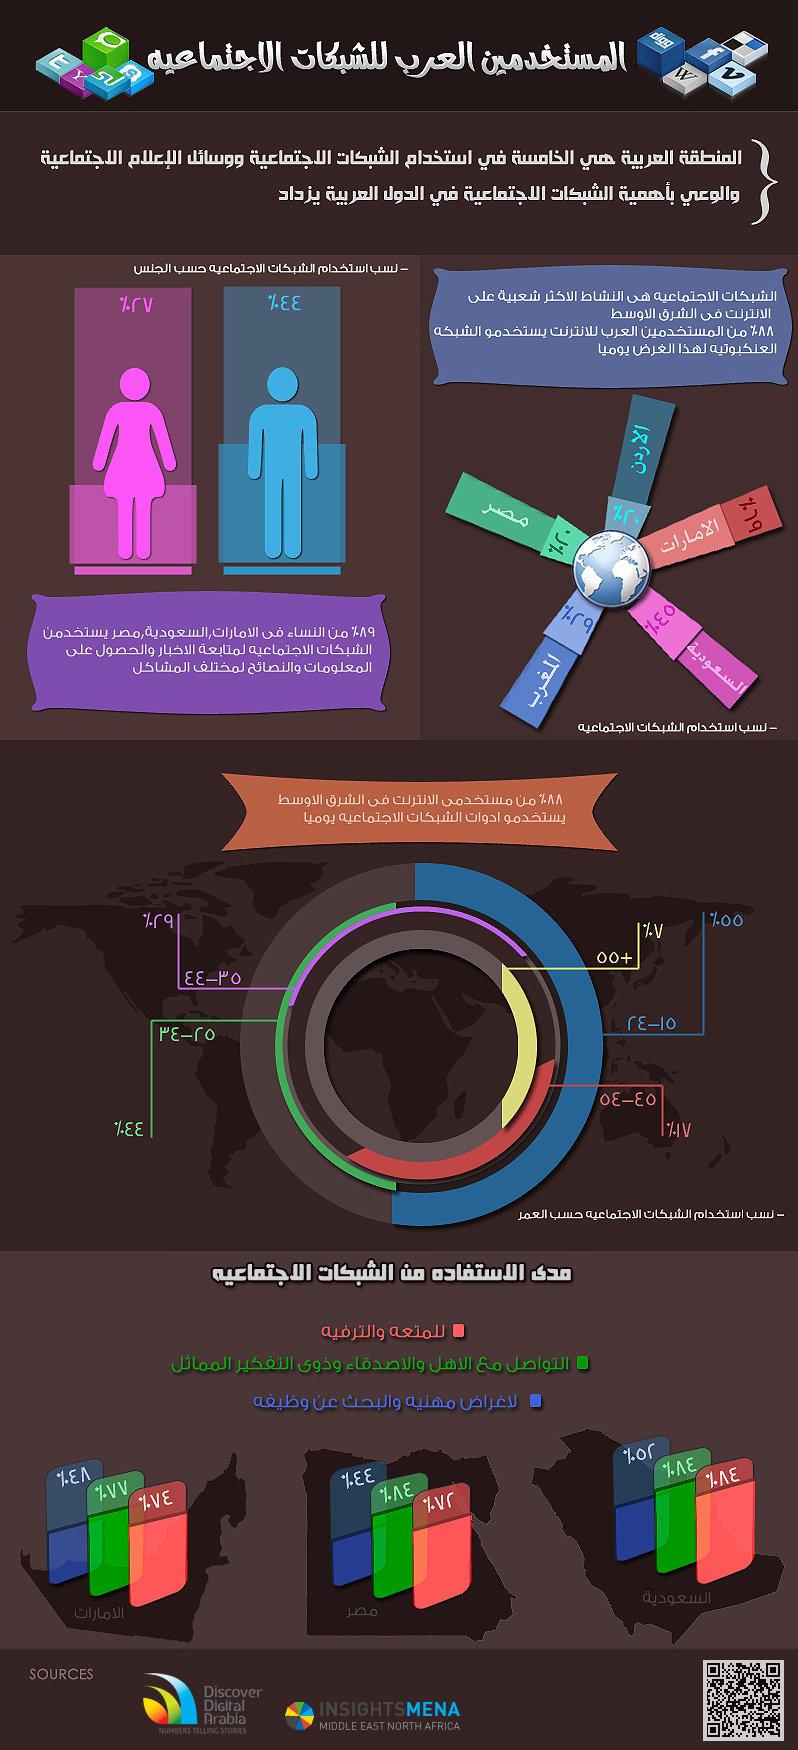 arab social-networking